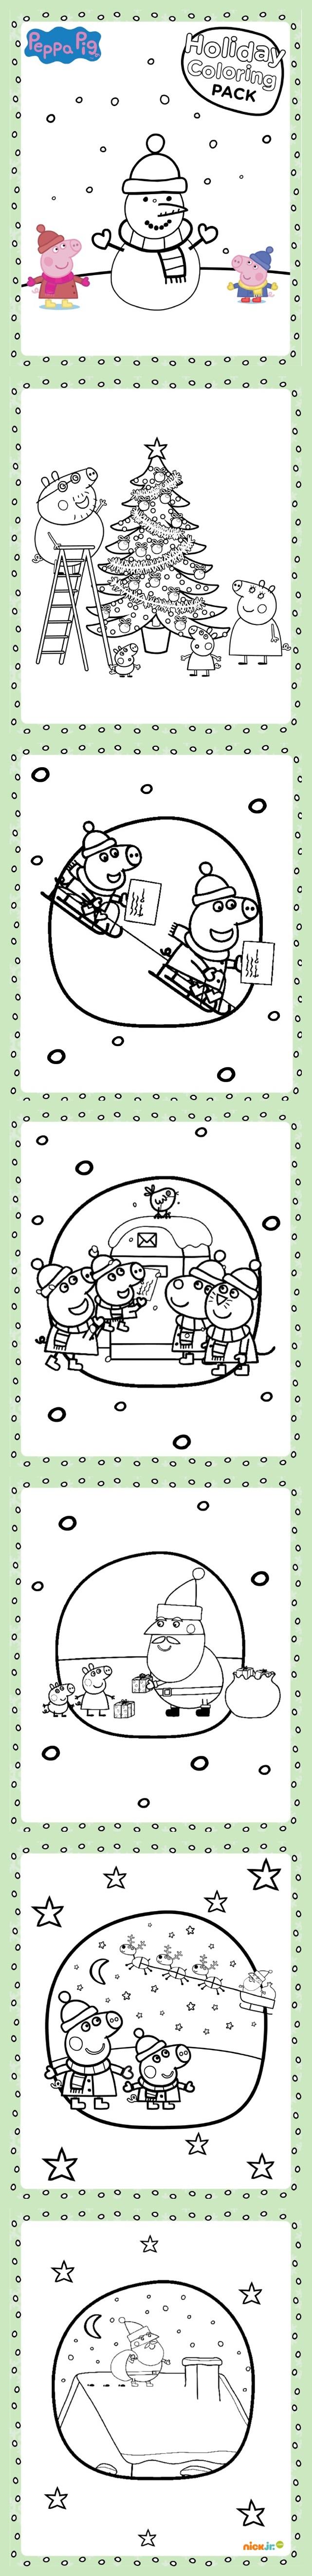 Lindlindas paginas para colorear #niños   Imprimibles para niñ@s ...